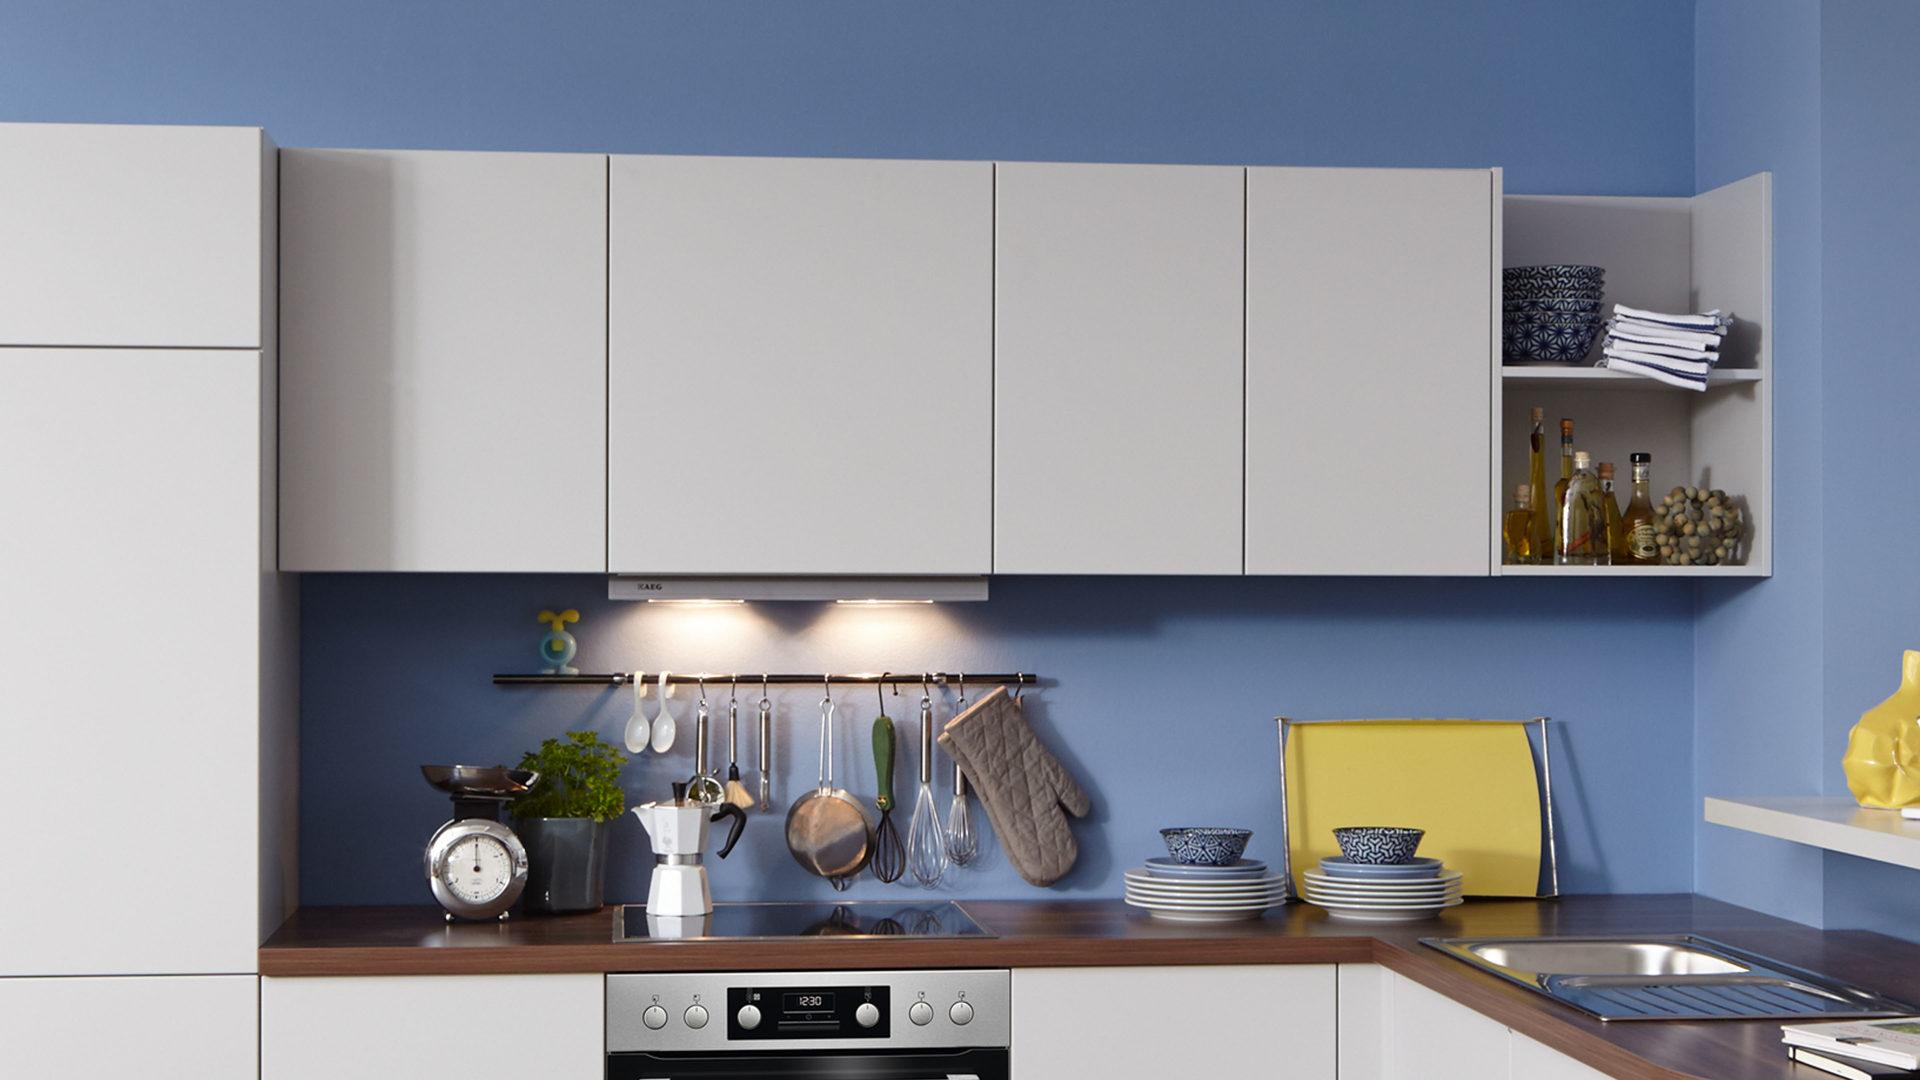 WERT-KÜCHE Einbauküche Bionda mit AEG-Elektrogeräten